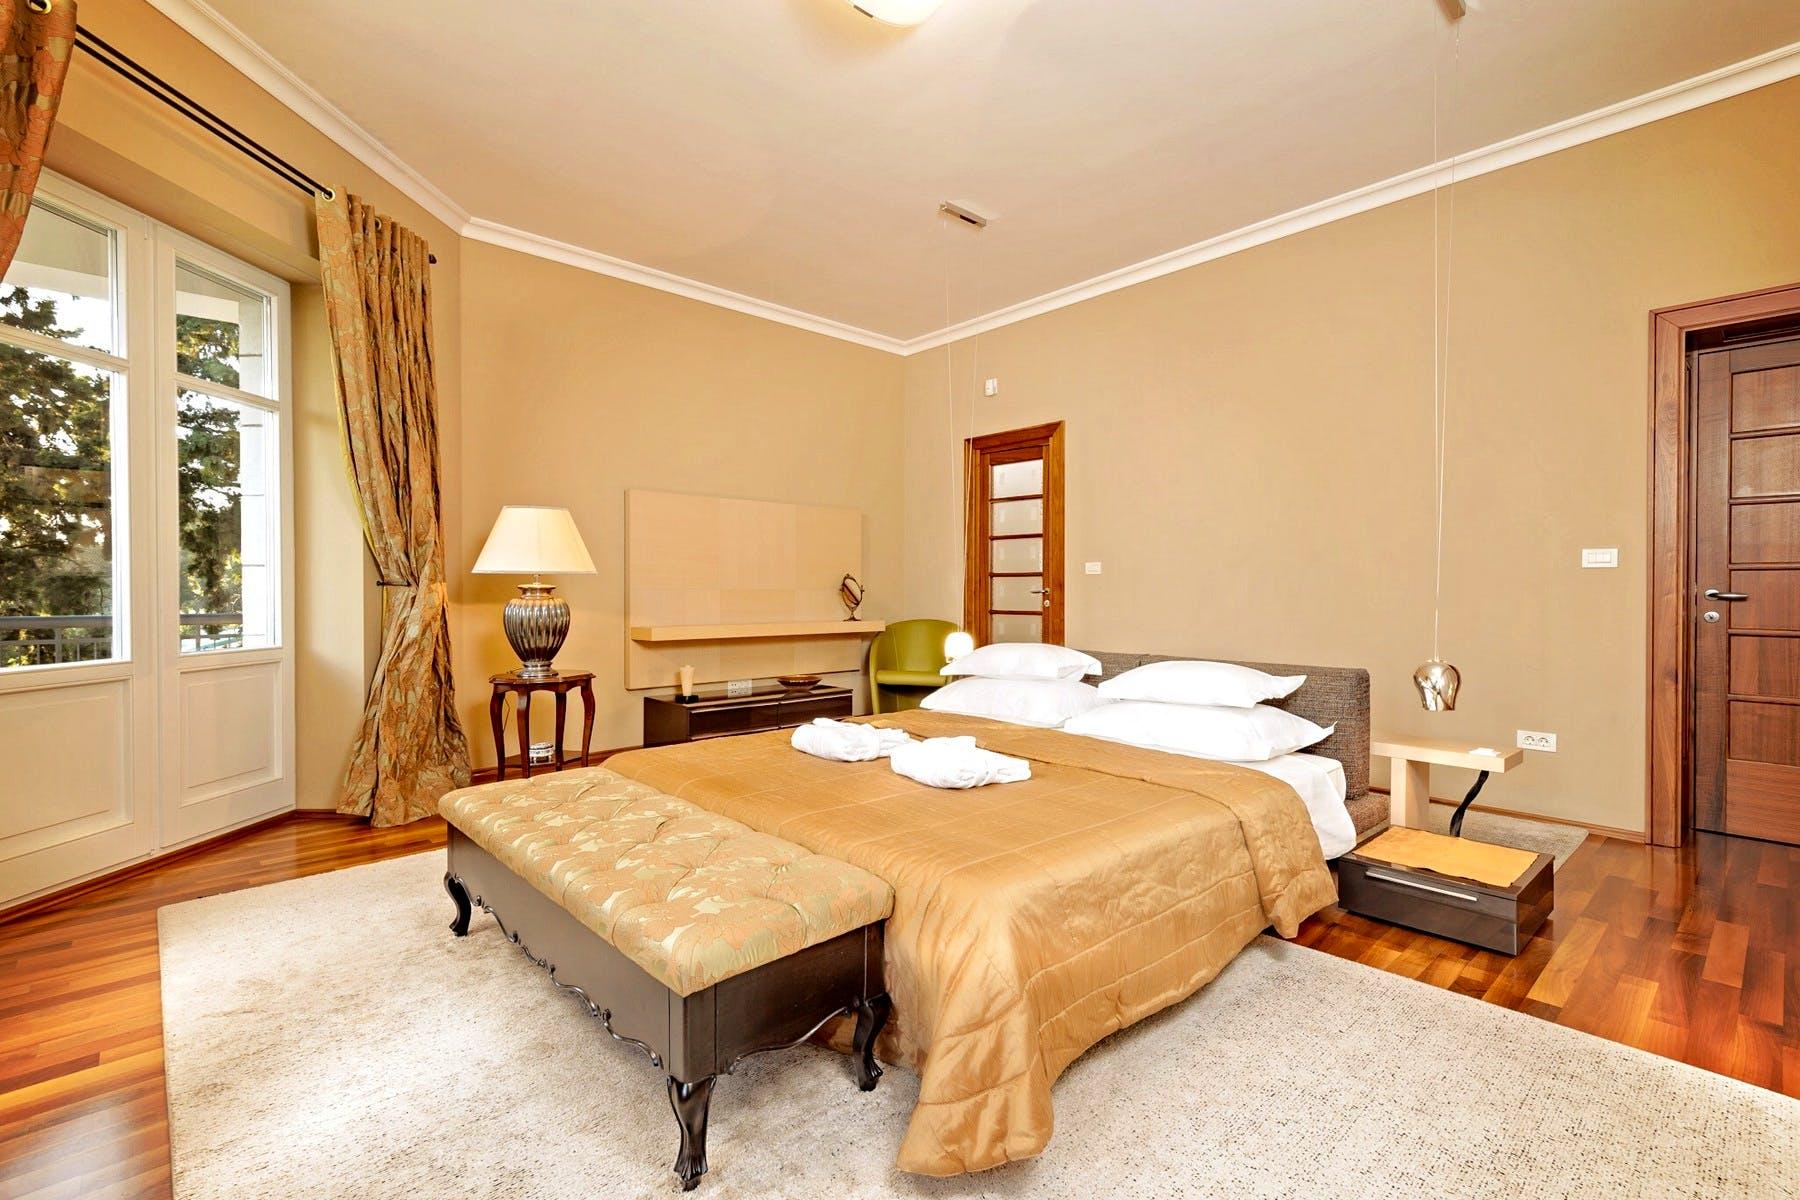 Elegantan dizajn sobe